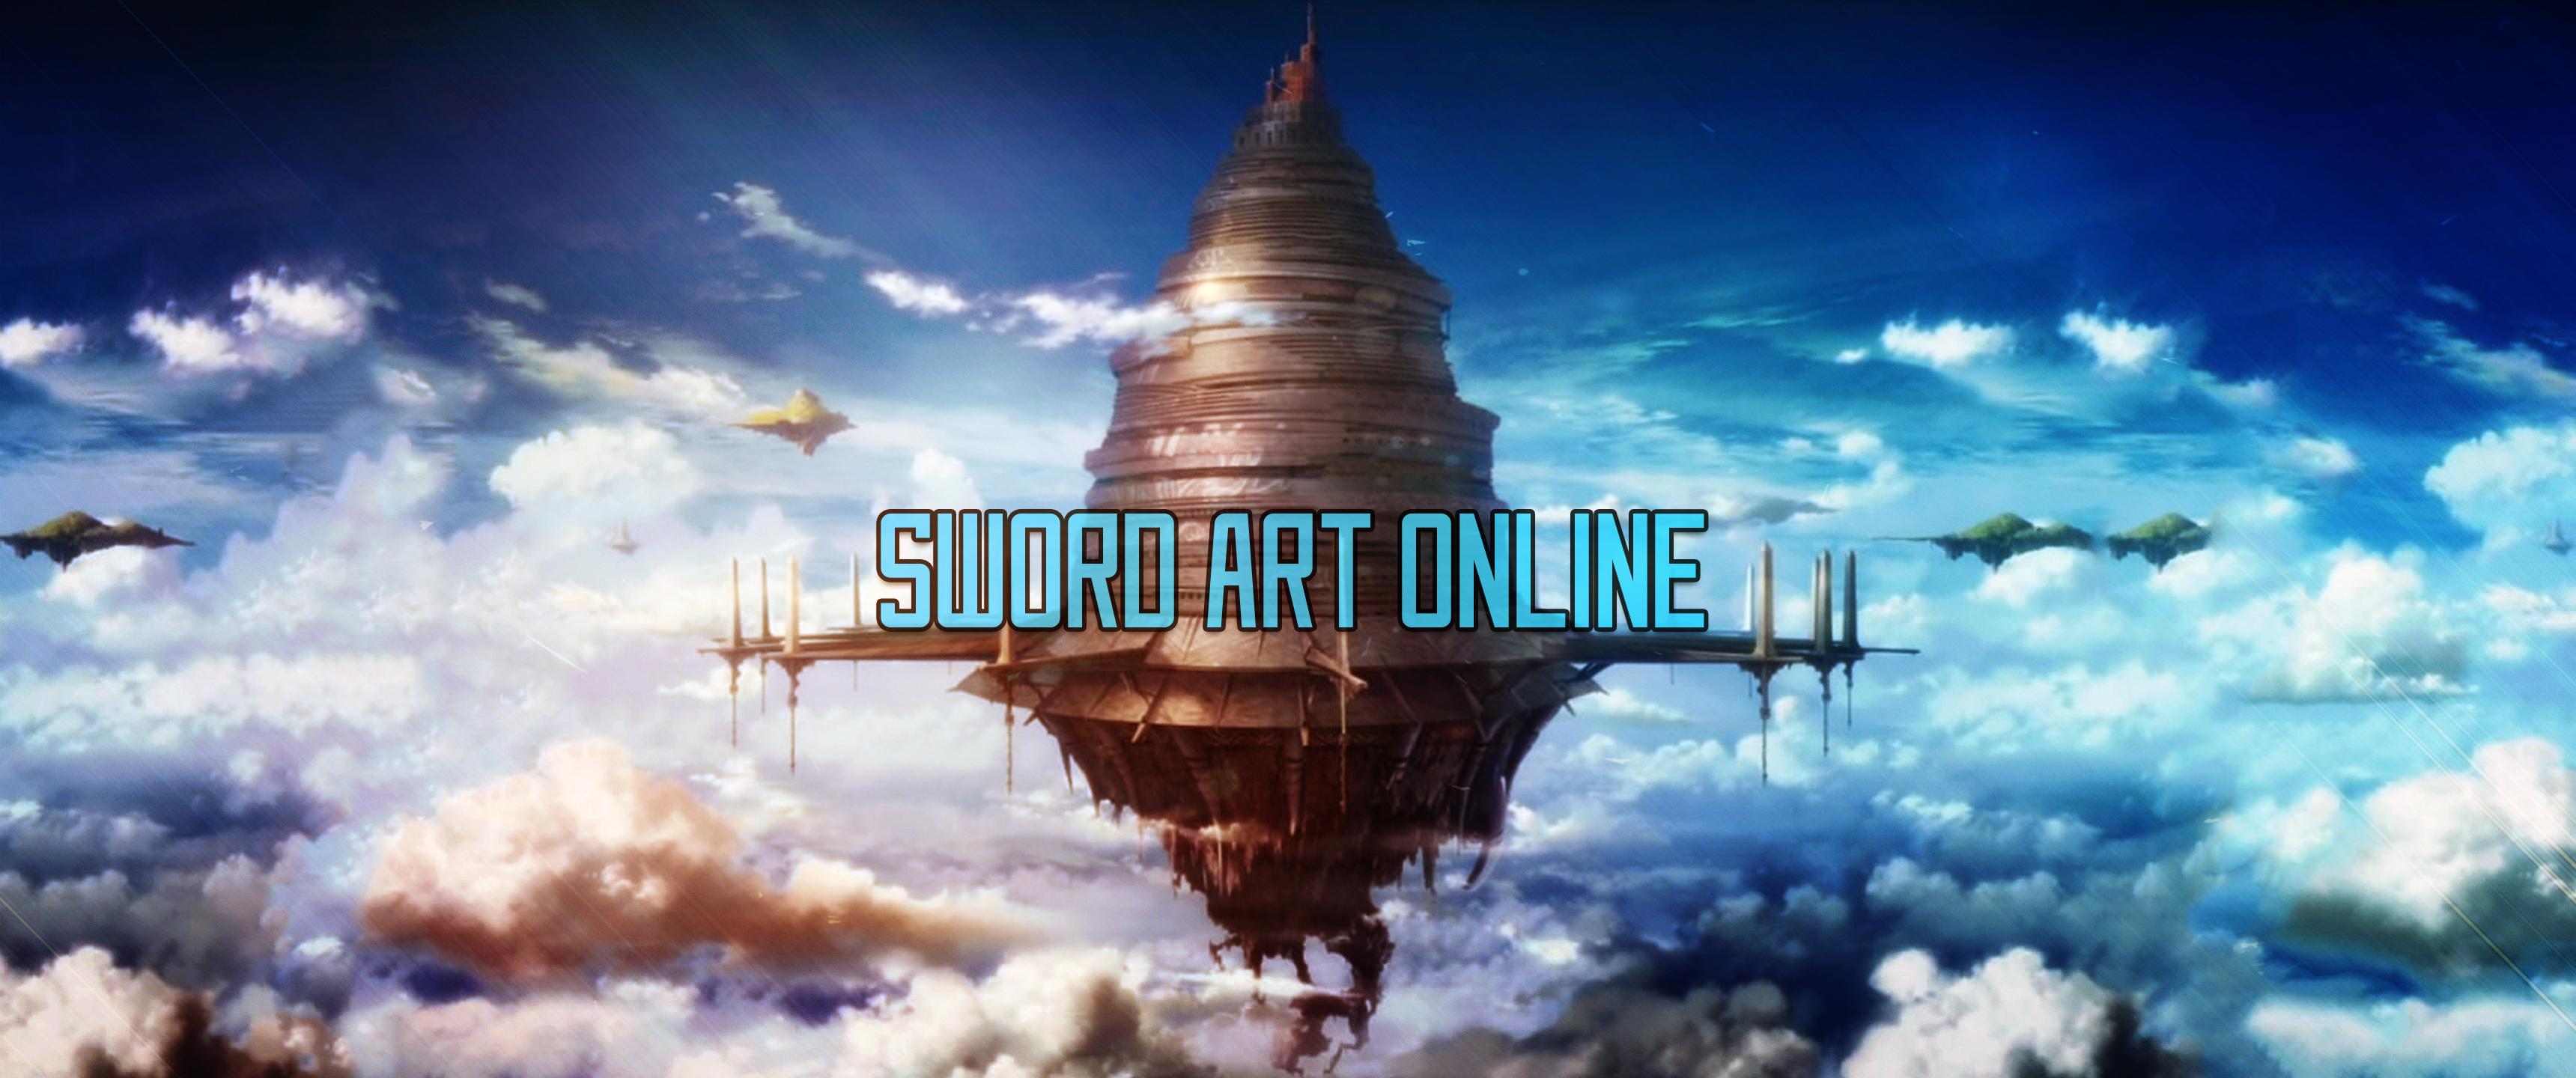 13 Aincrad Sword Art Online Hd Wallpapers Background